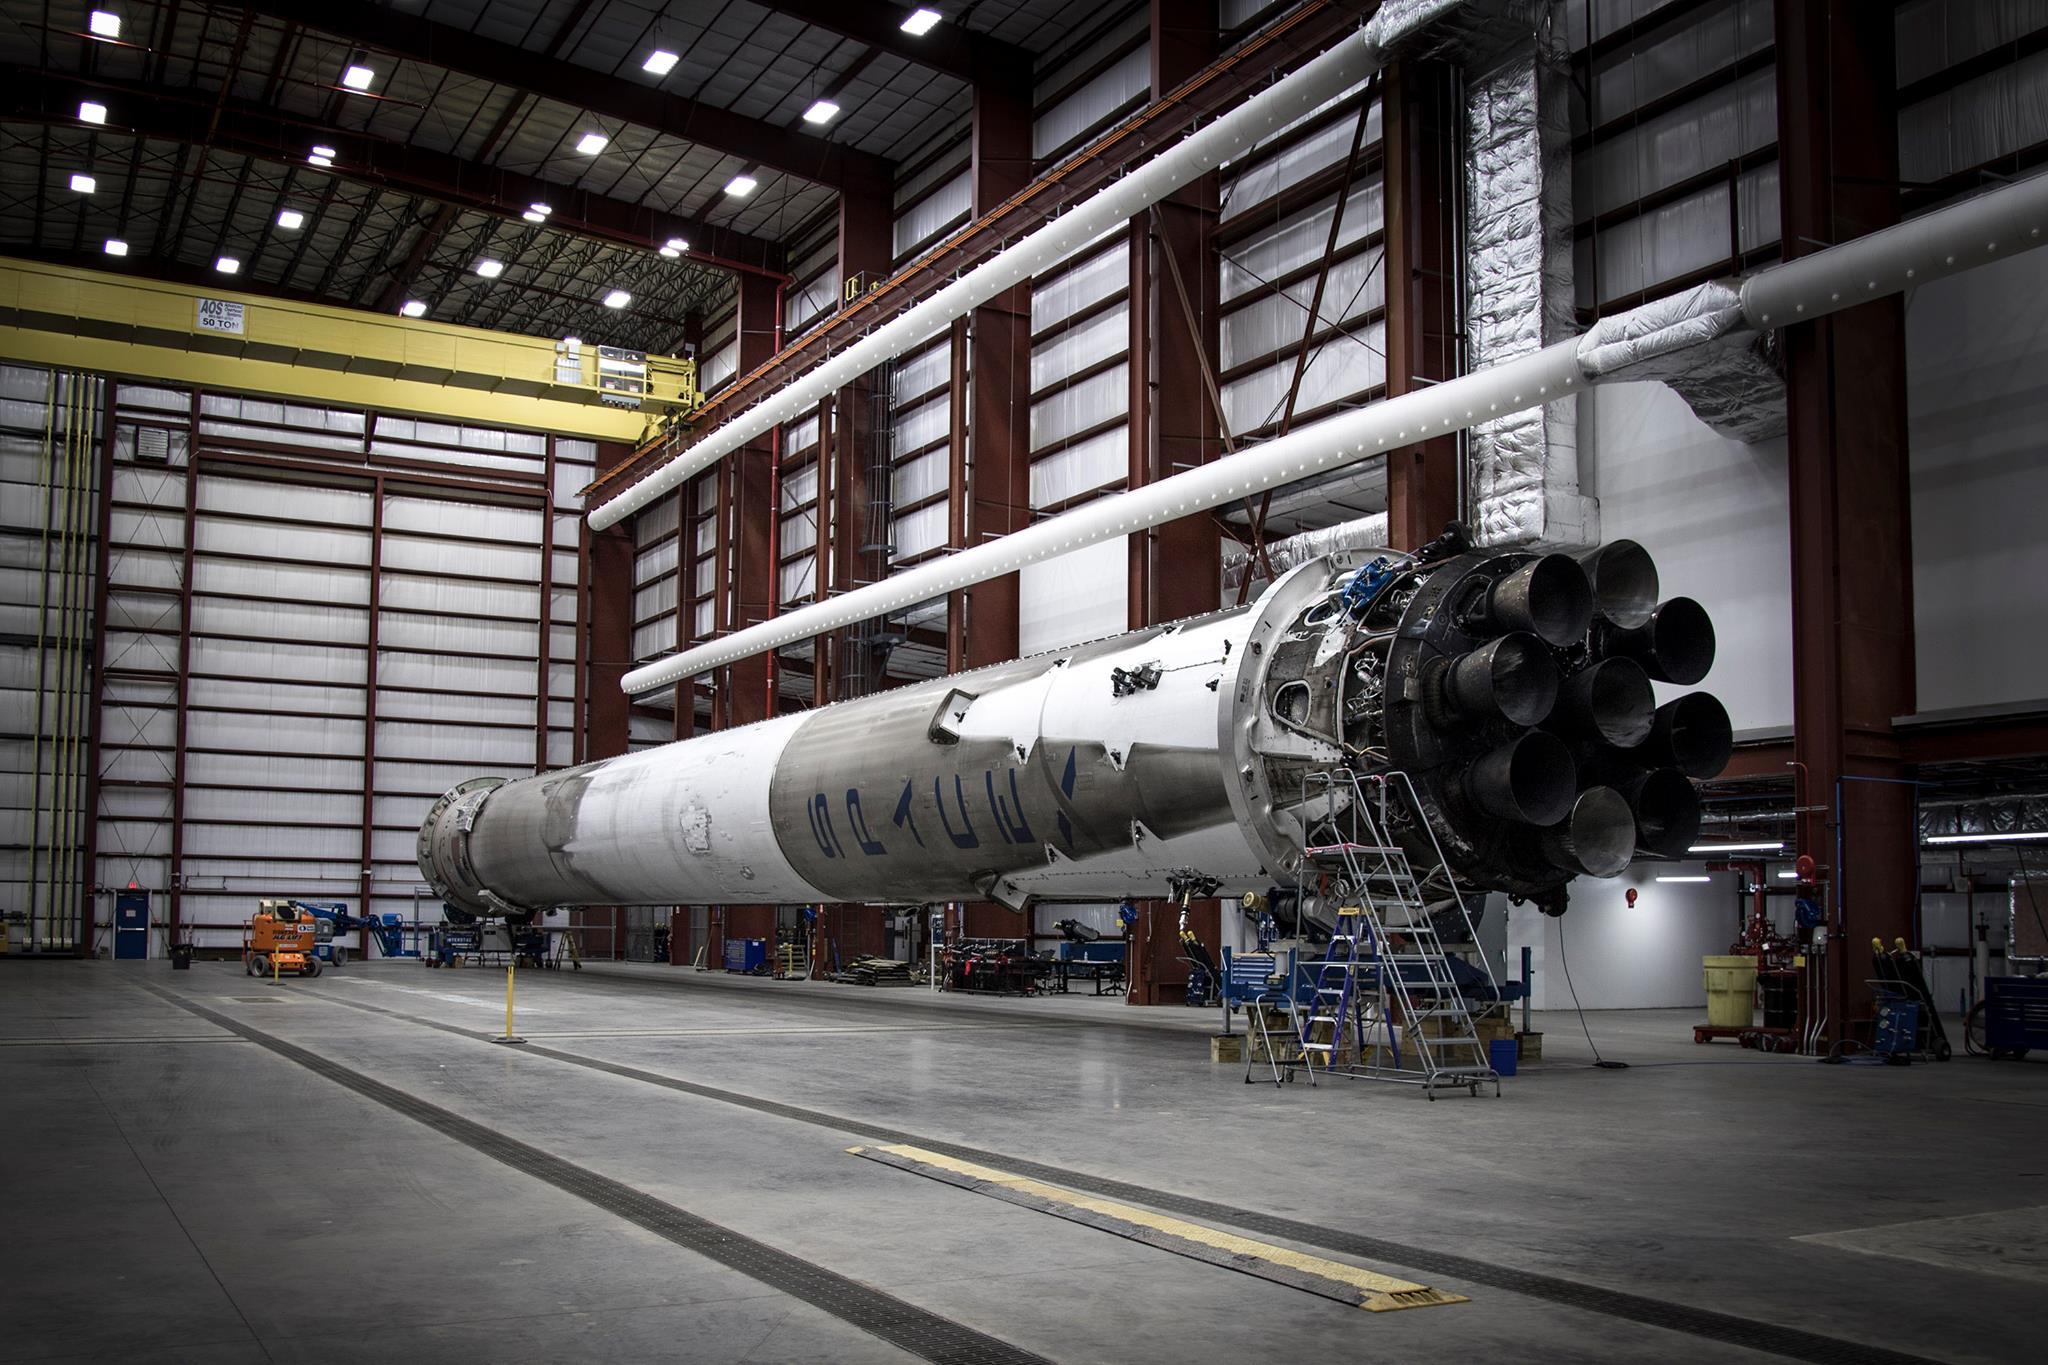 Falcon 9 Hangar